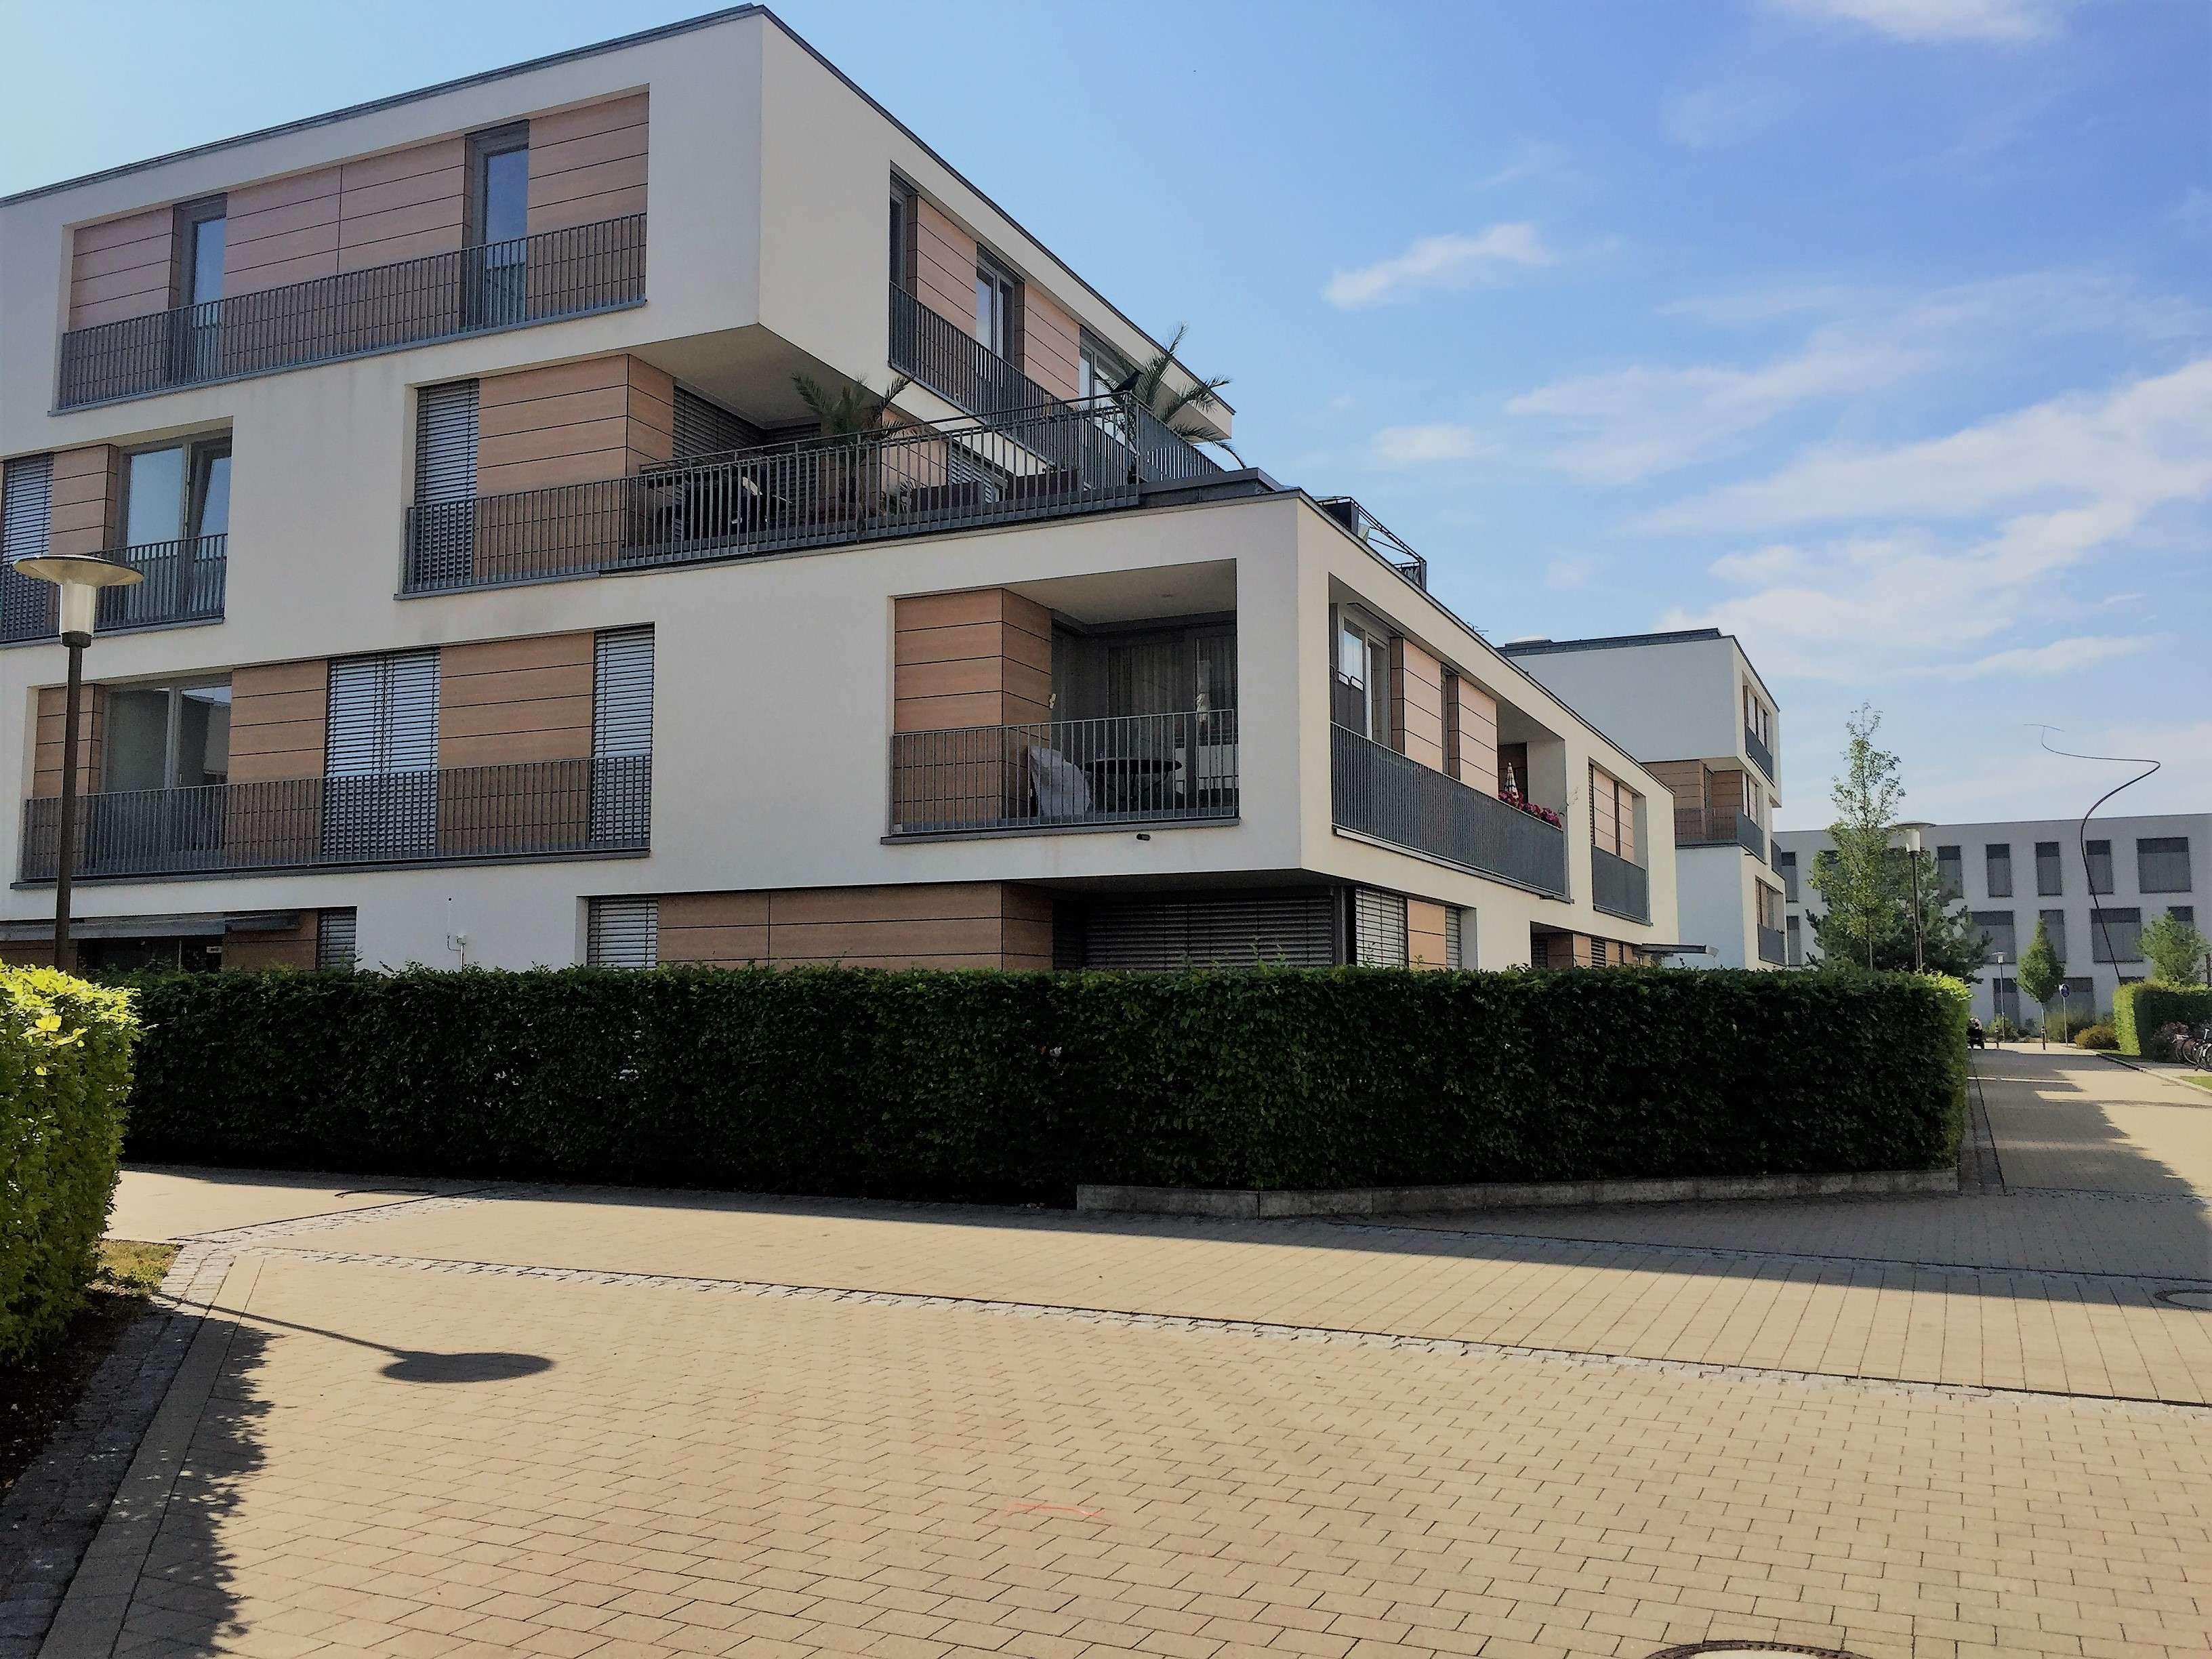 Moderne und hochwertige Wohnung in Erlangen (Rötelheimer Park) 1150 €, 86 m², 2 Zimmer in